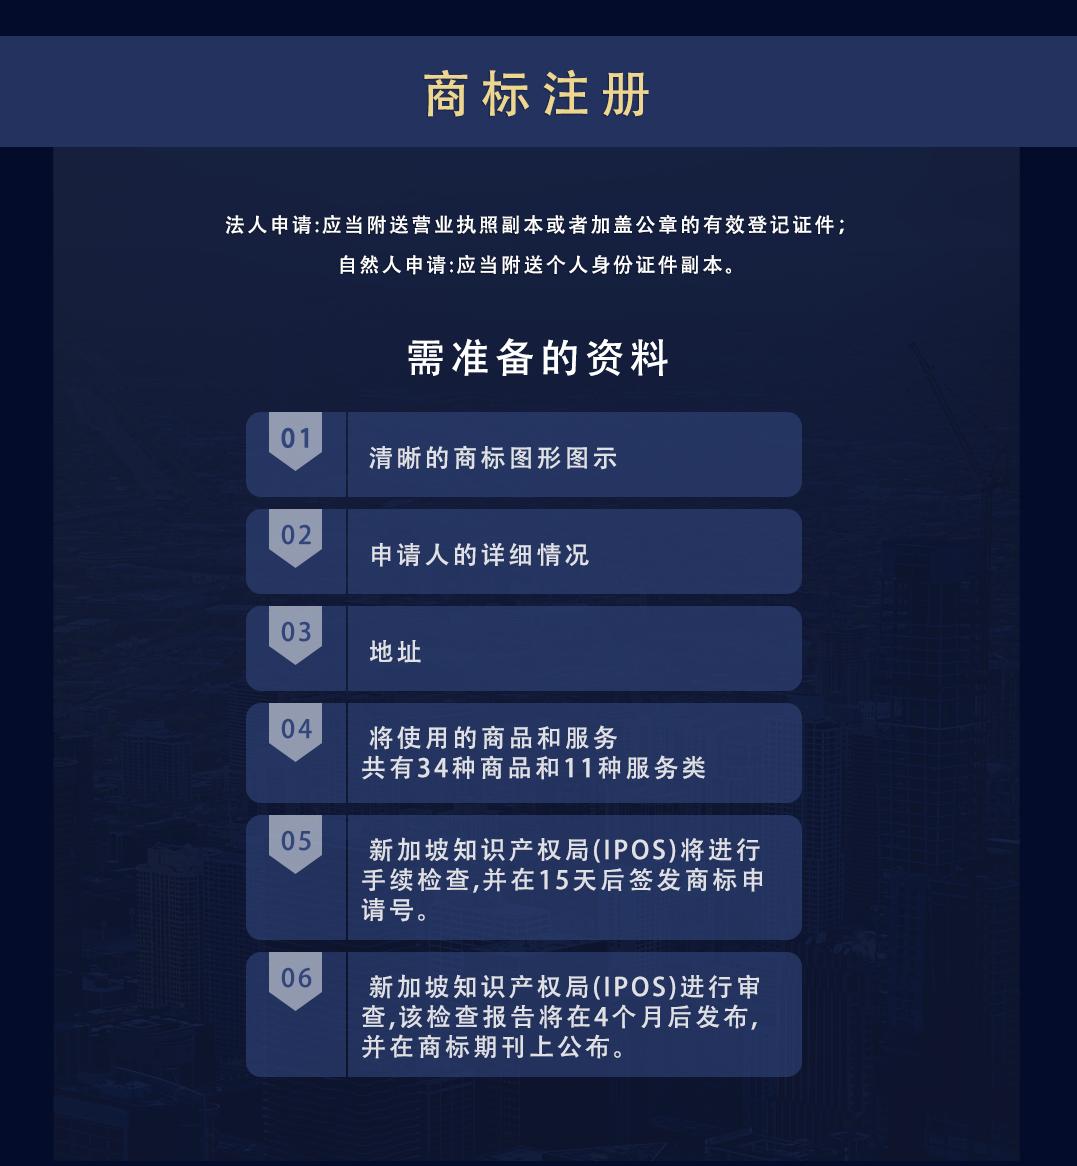 2020.08.31_海外公司拓展3.png